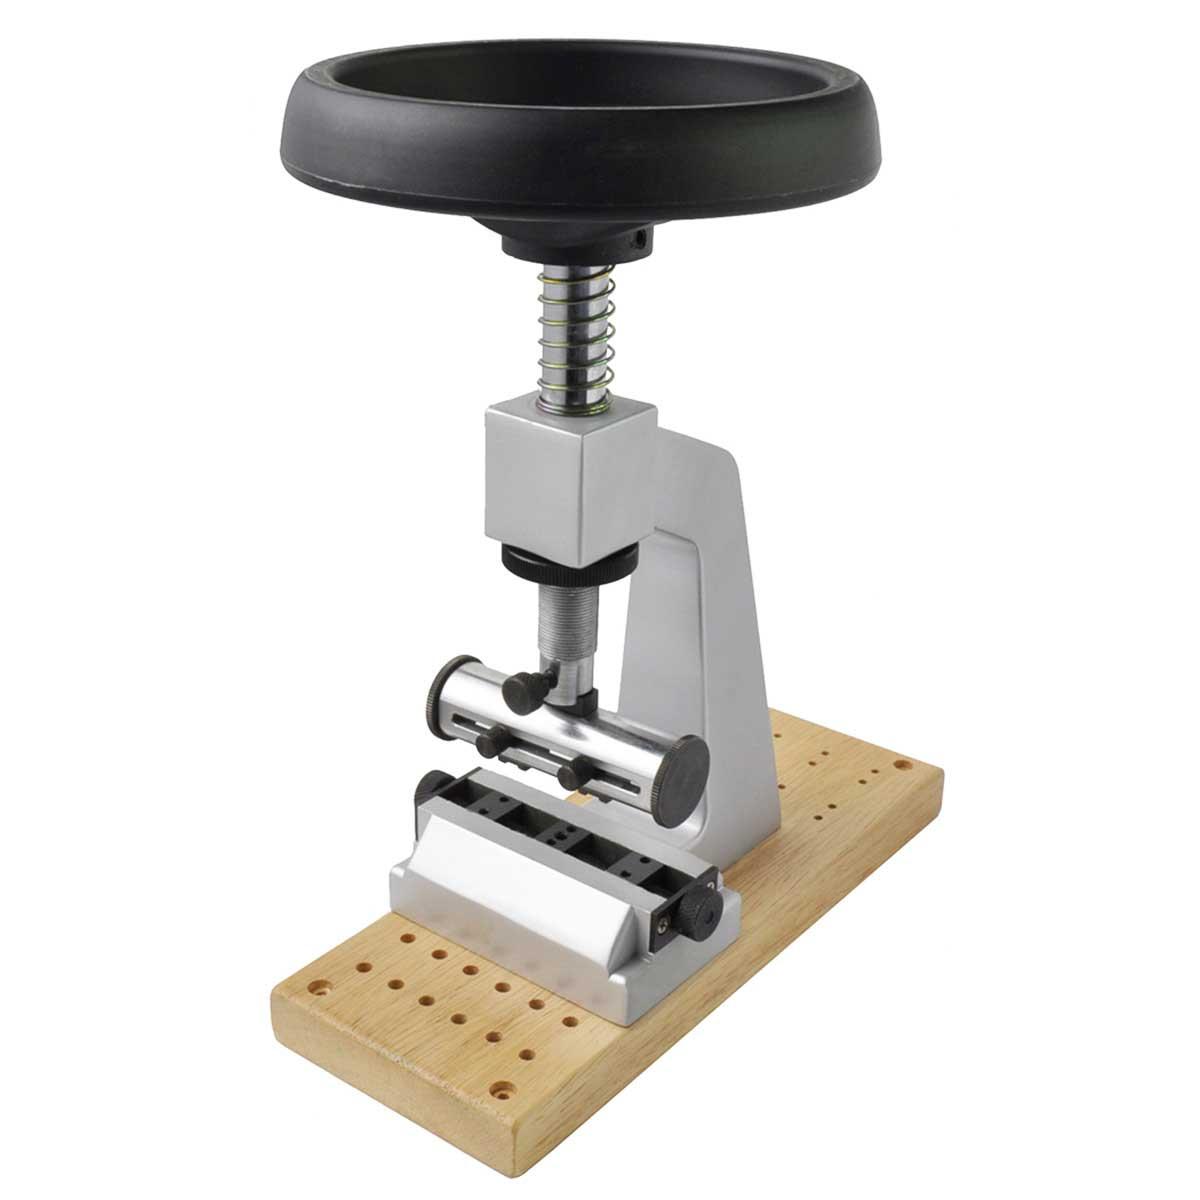 腕時計用工具 スクリューバック用オープナー腕時計用工具 交換工具 [ ZSD - ZSD501026 ]